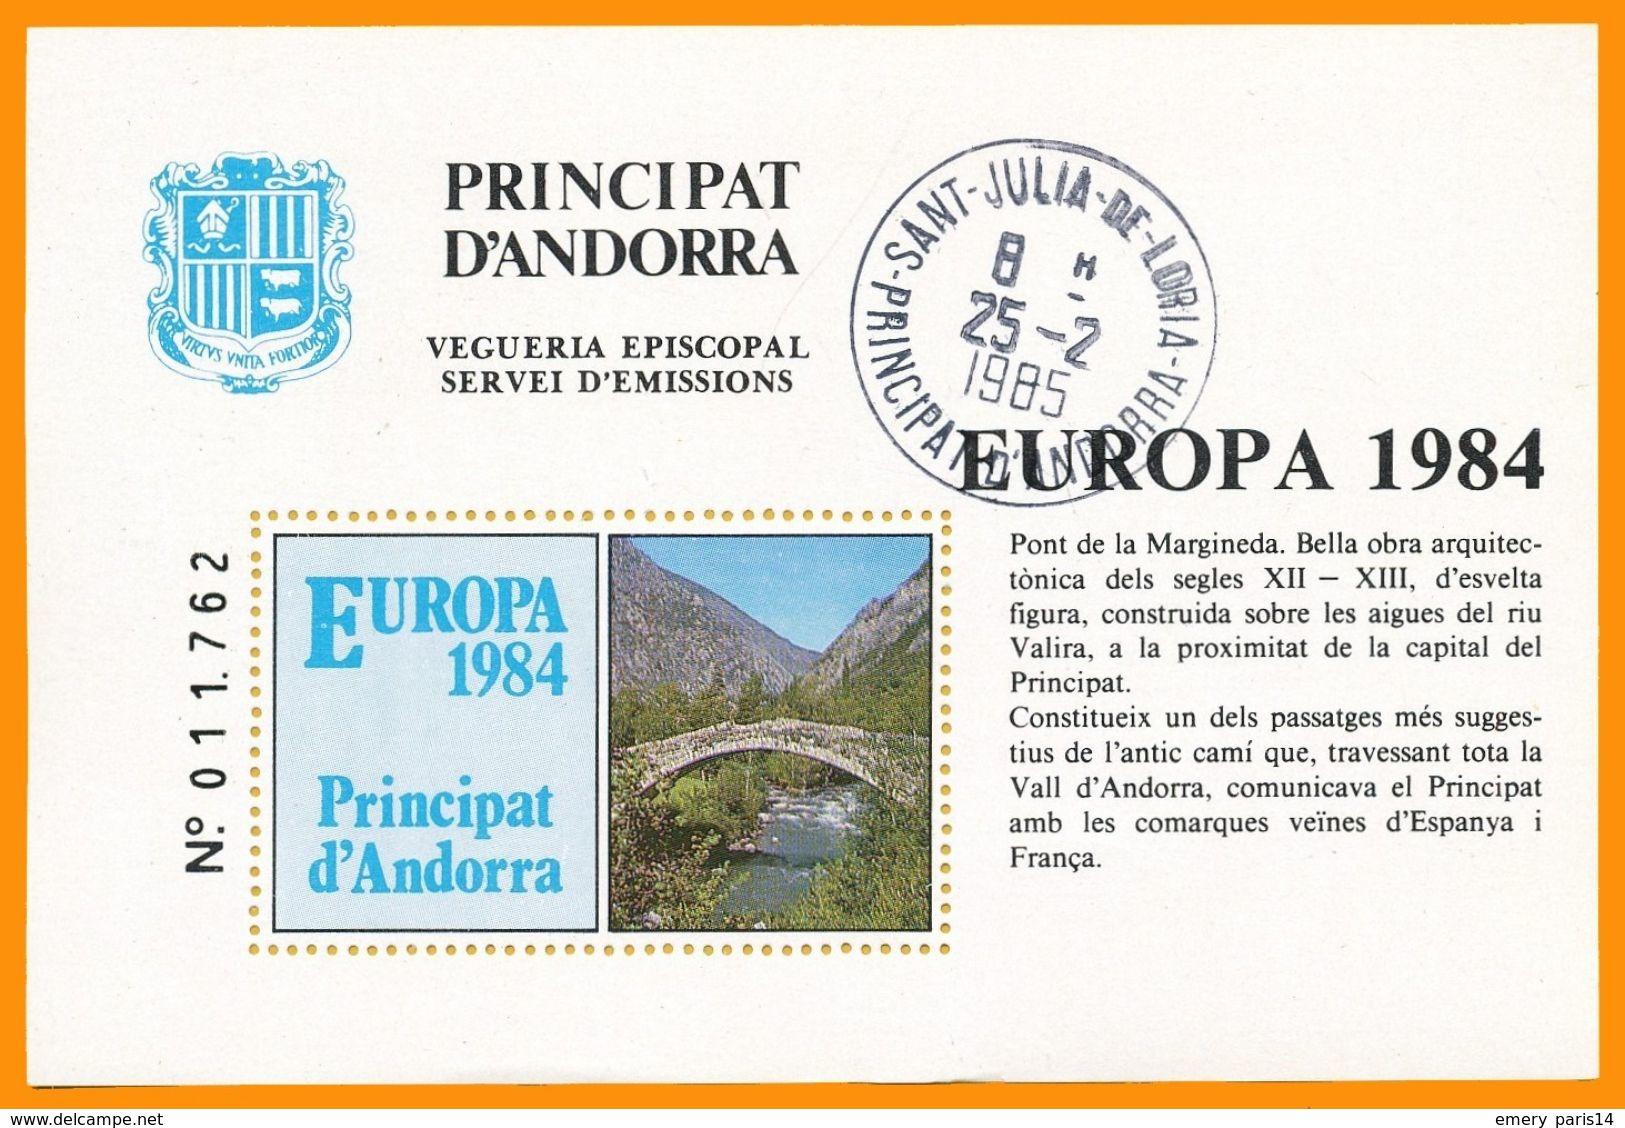 Andorra Viguerie Andorre 1984 Bloc Feuillet 9 Europa, Oblitéré Le 25-02-1985 Saint-Julia-de-Loria (agence Postale França - Timbres